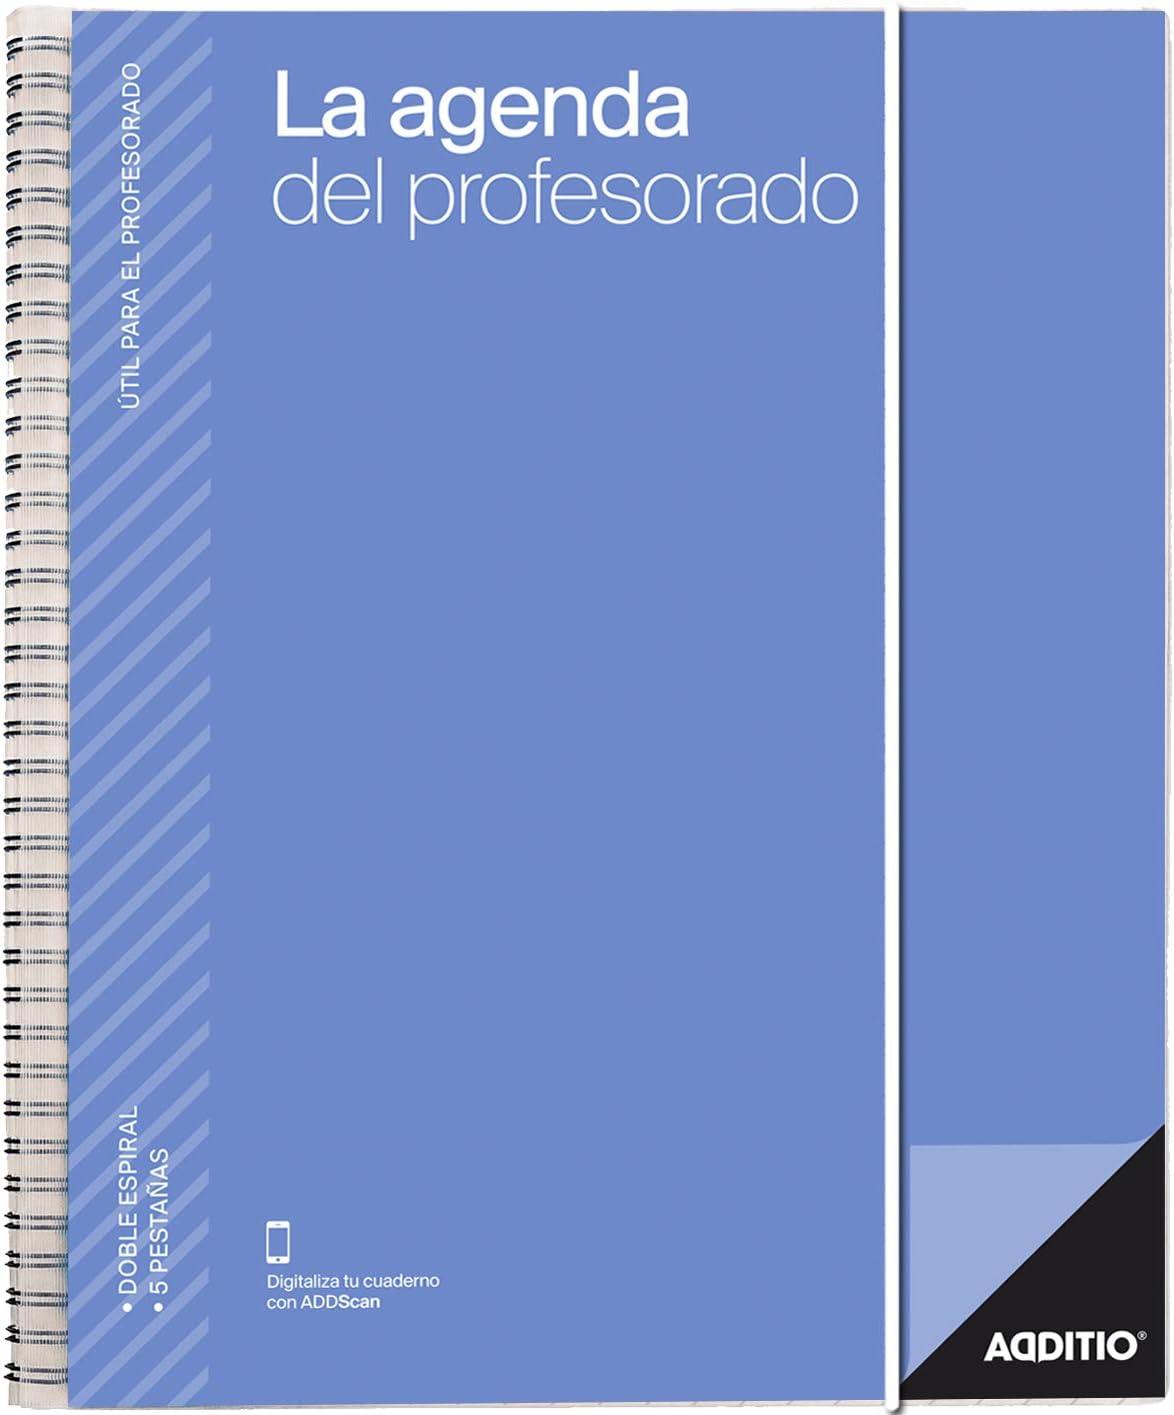 La Agenda del Profesorado Additio para el profesorado, 2019-20 ...